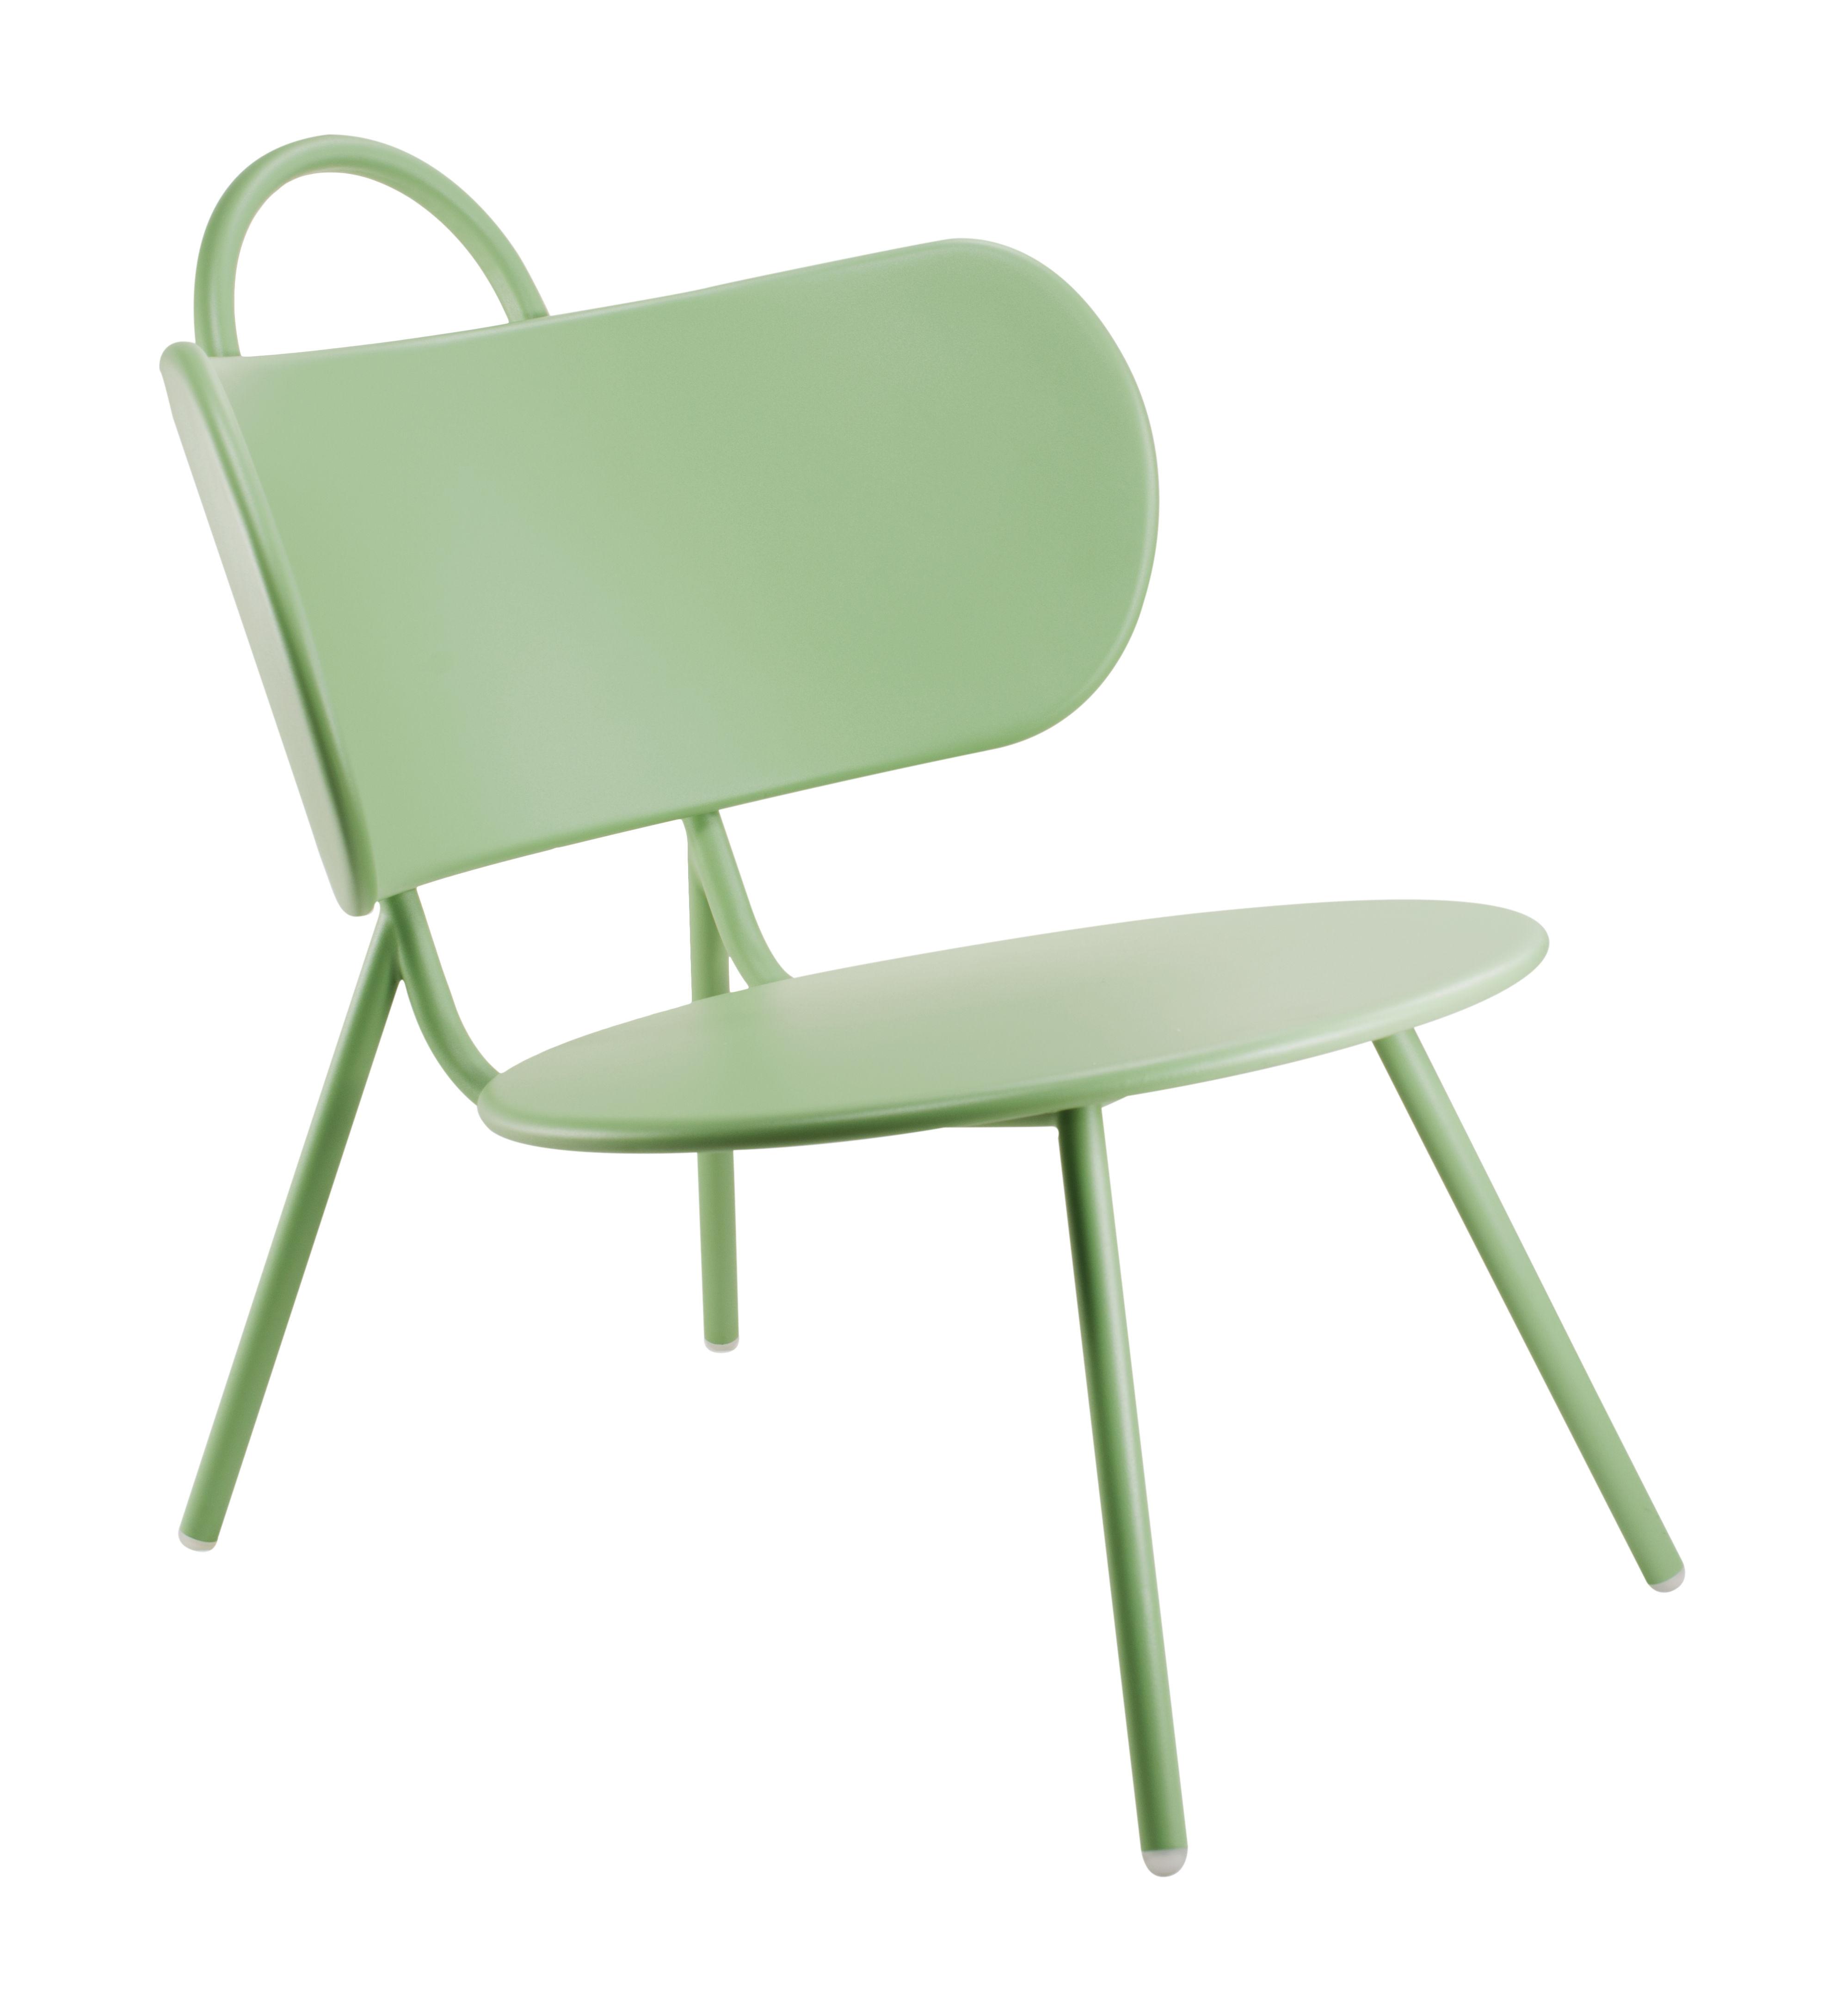 Furniture - Armchairs - Swim Low armchair - Indoor & outdoor - Metal by Bibelo - Light green - Epoxy lacquered steel